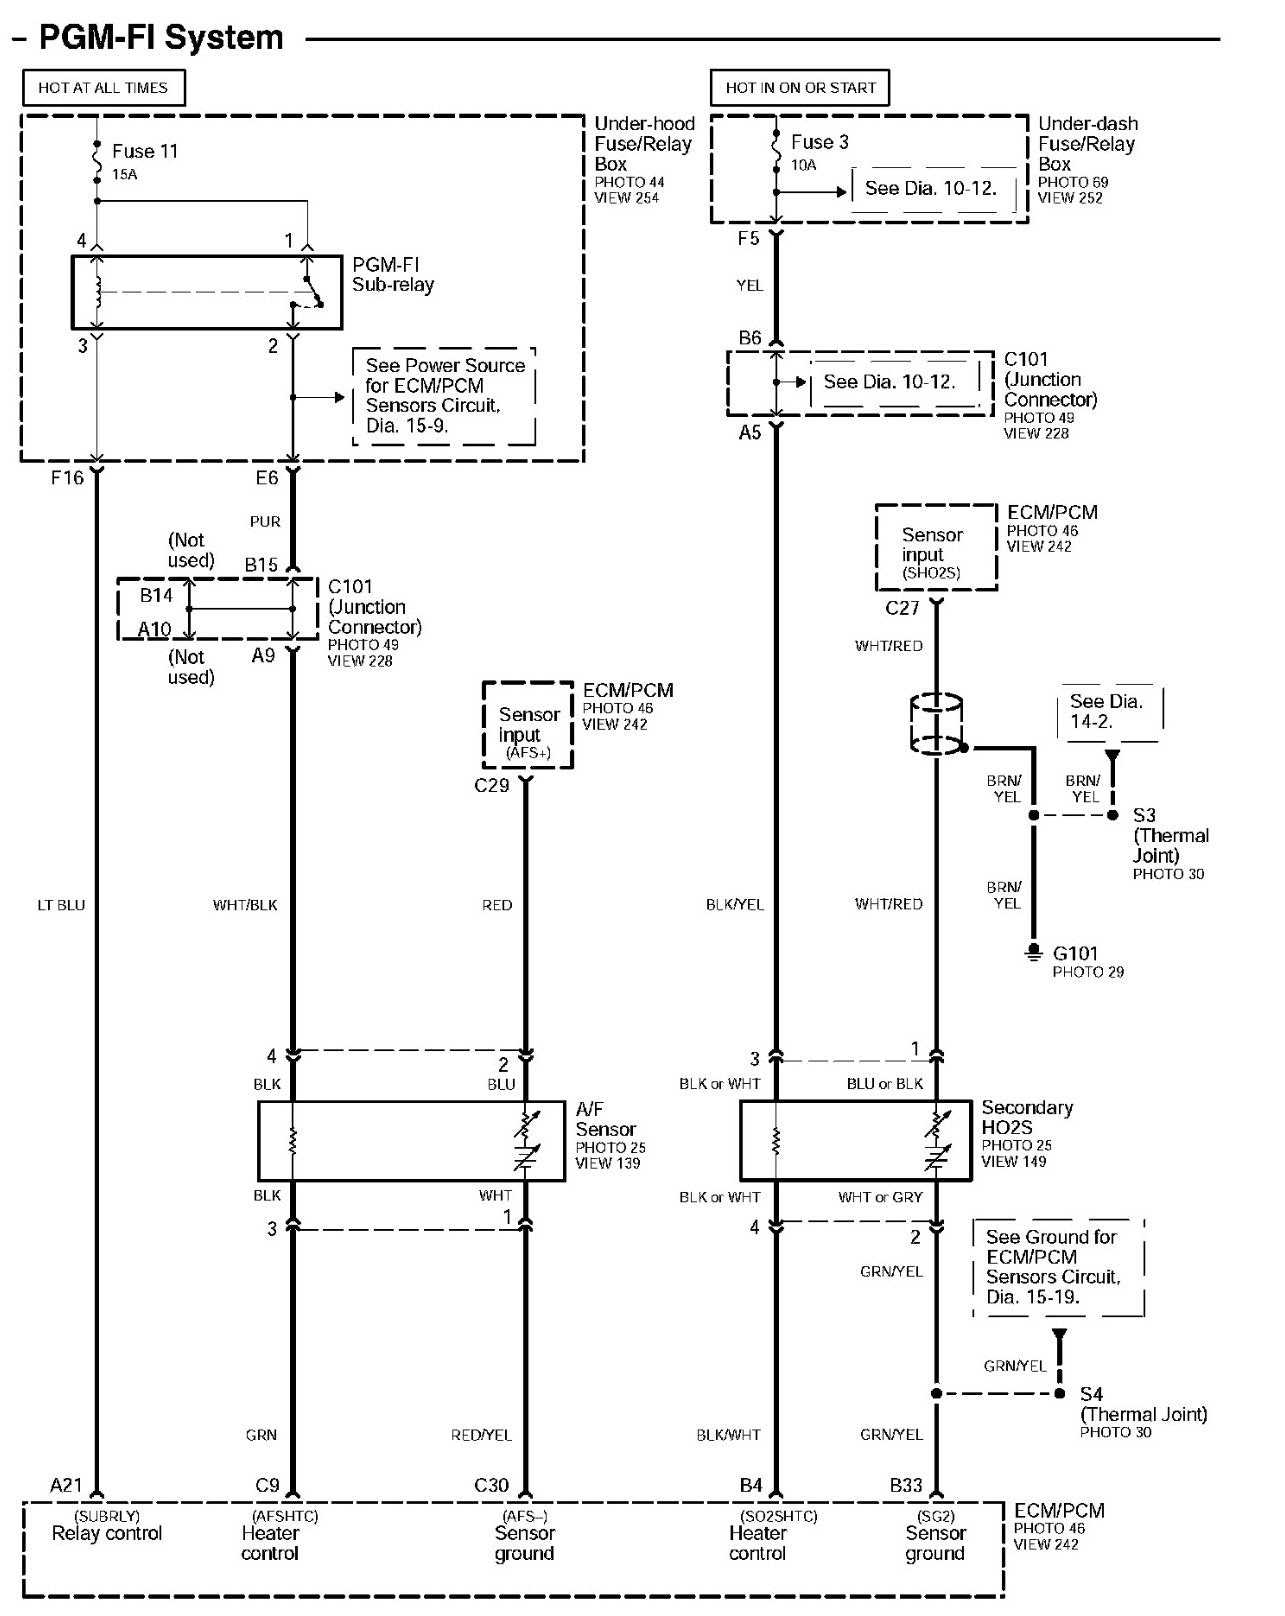 2001 Civic Fuse Diagram